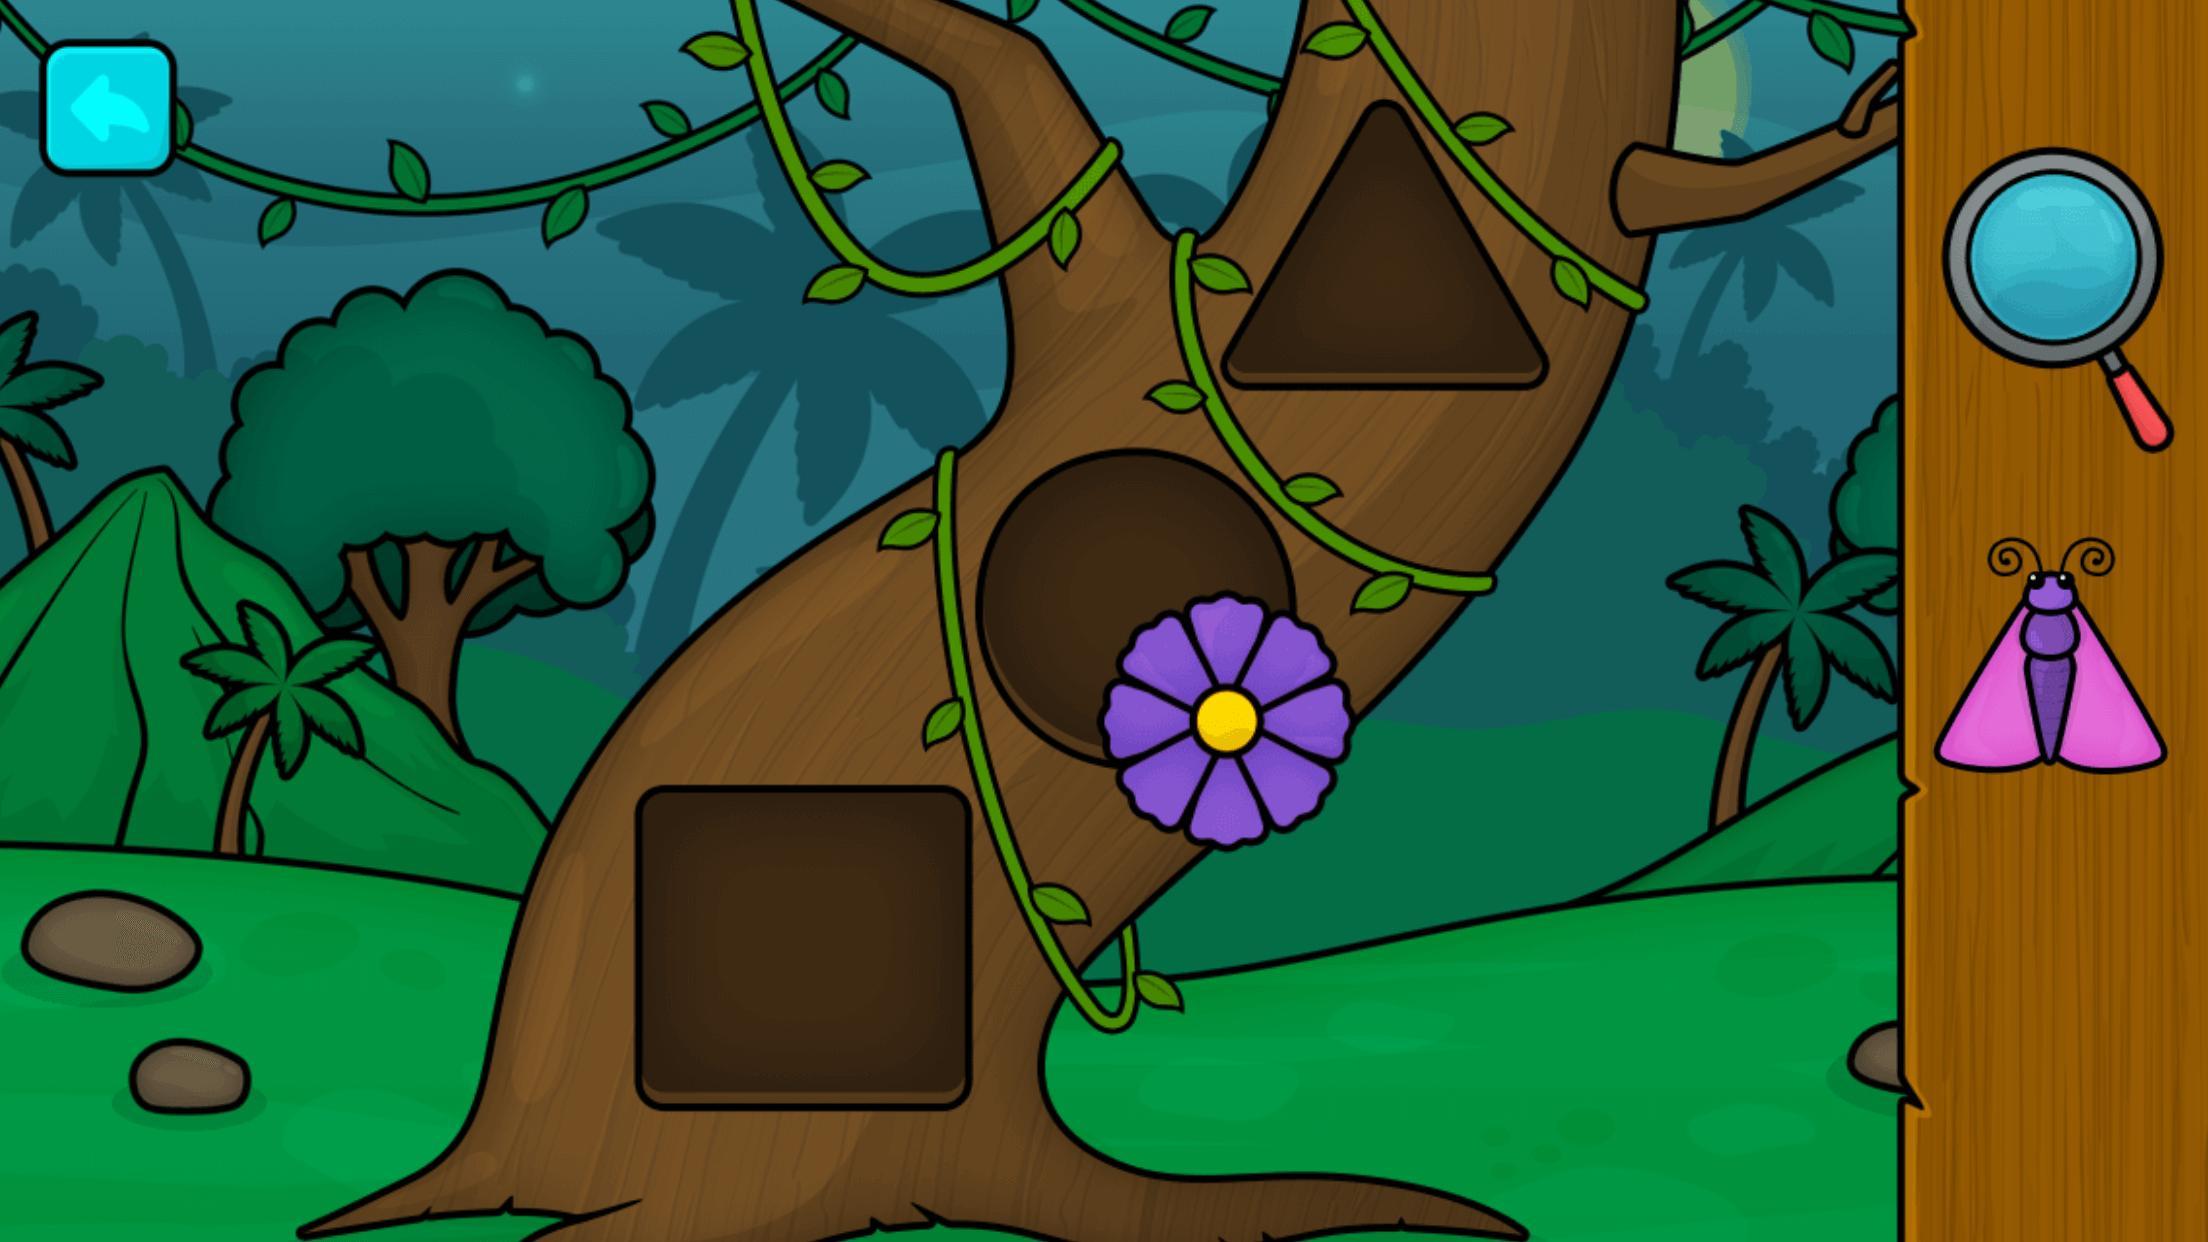 Jeux Pour Enfants 2 - 5 Ans Pour Android - Téléchargez L'apk avec Jeux Enfant De 5 Ans